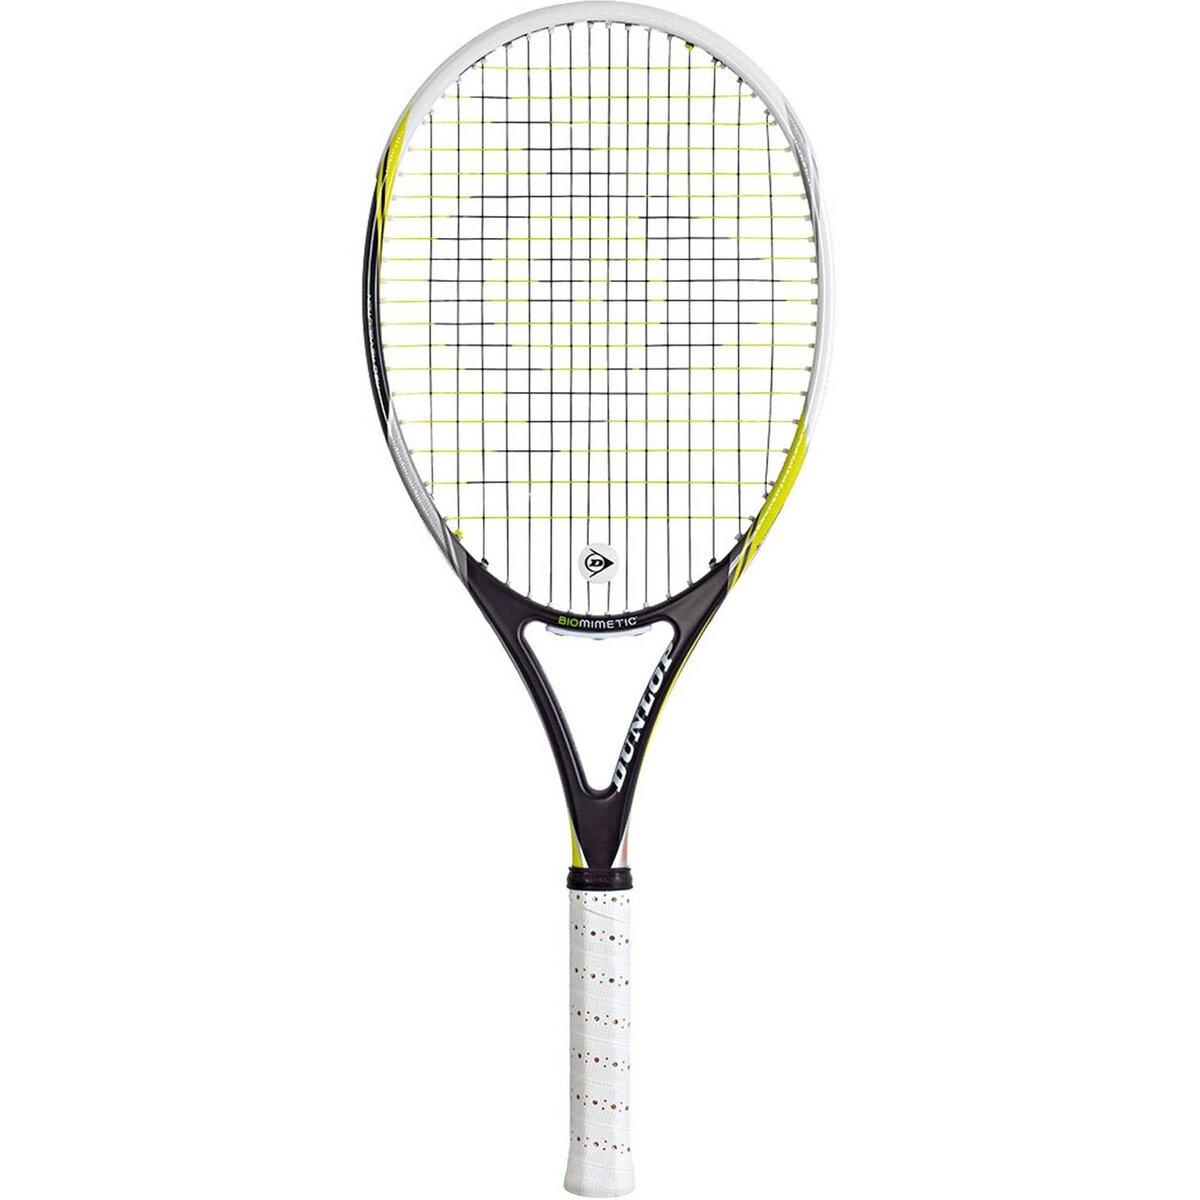 Bild 1 von DUNLOP Tennisschläger R6.0 Revolution NT - unbesaitet